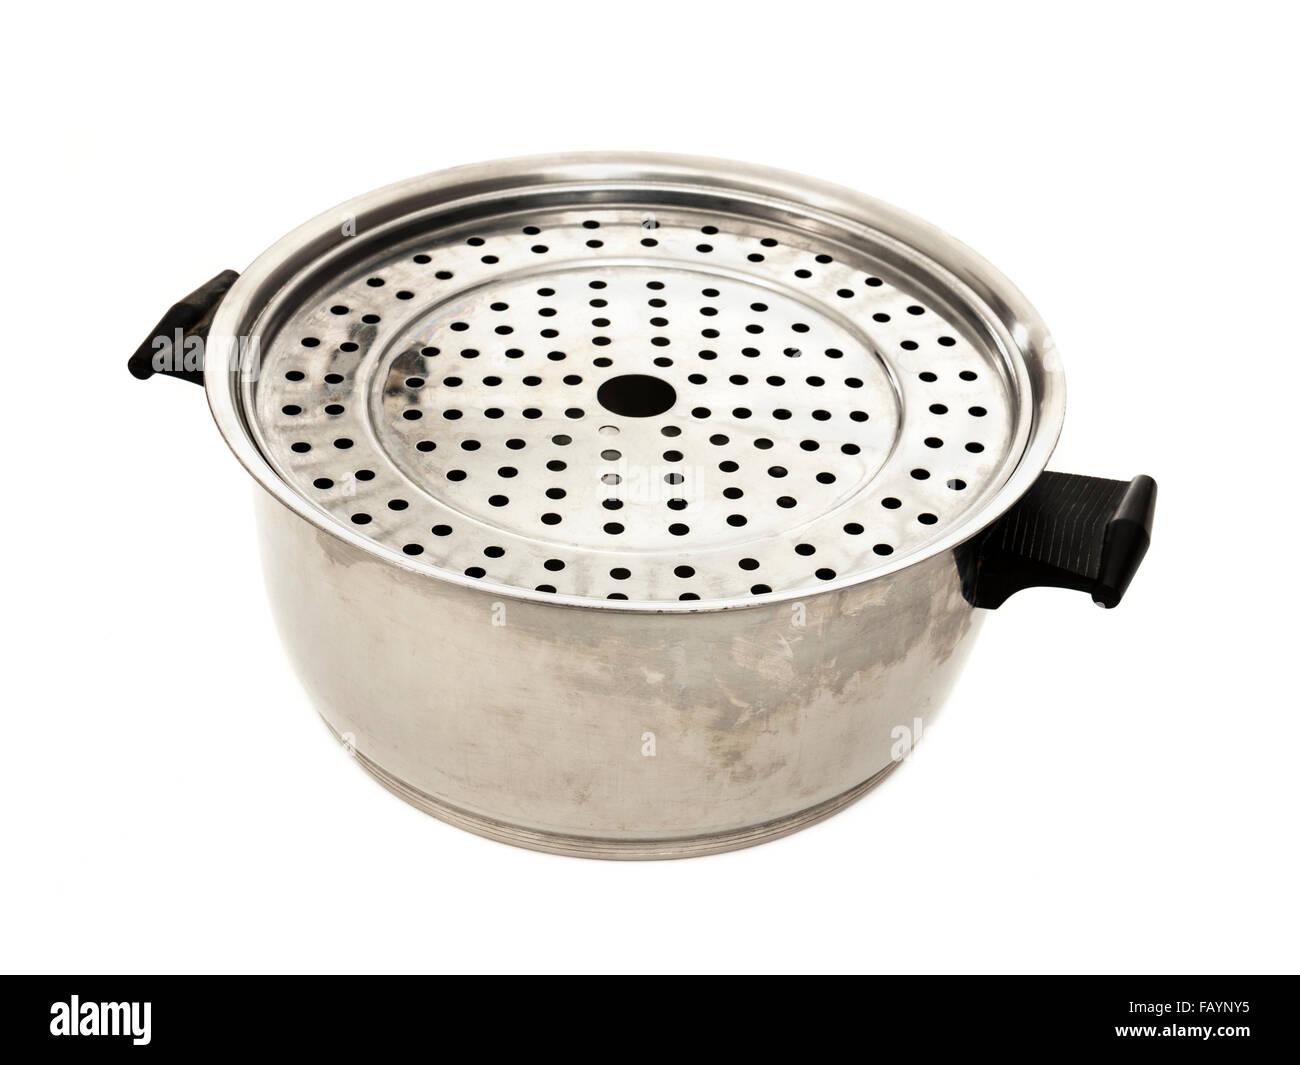 Rena-ware' sans eau 'outils de cuisson en acier inoxydable. Photo Stock